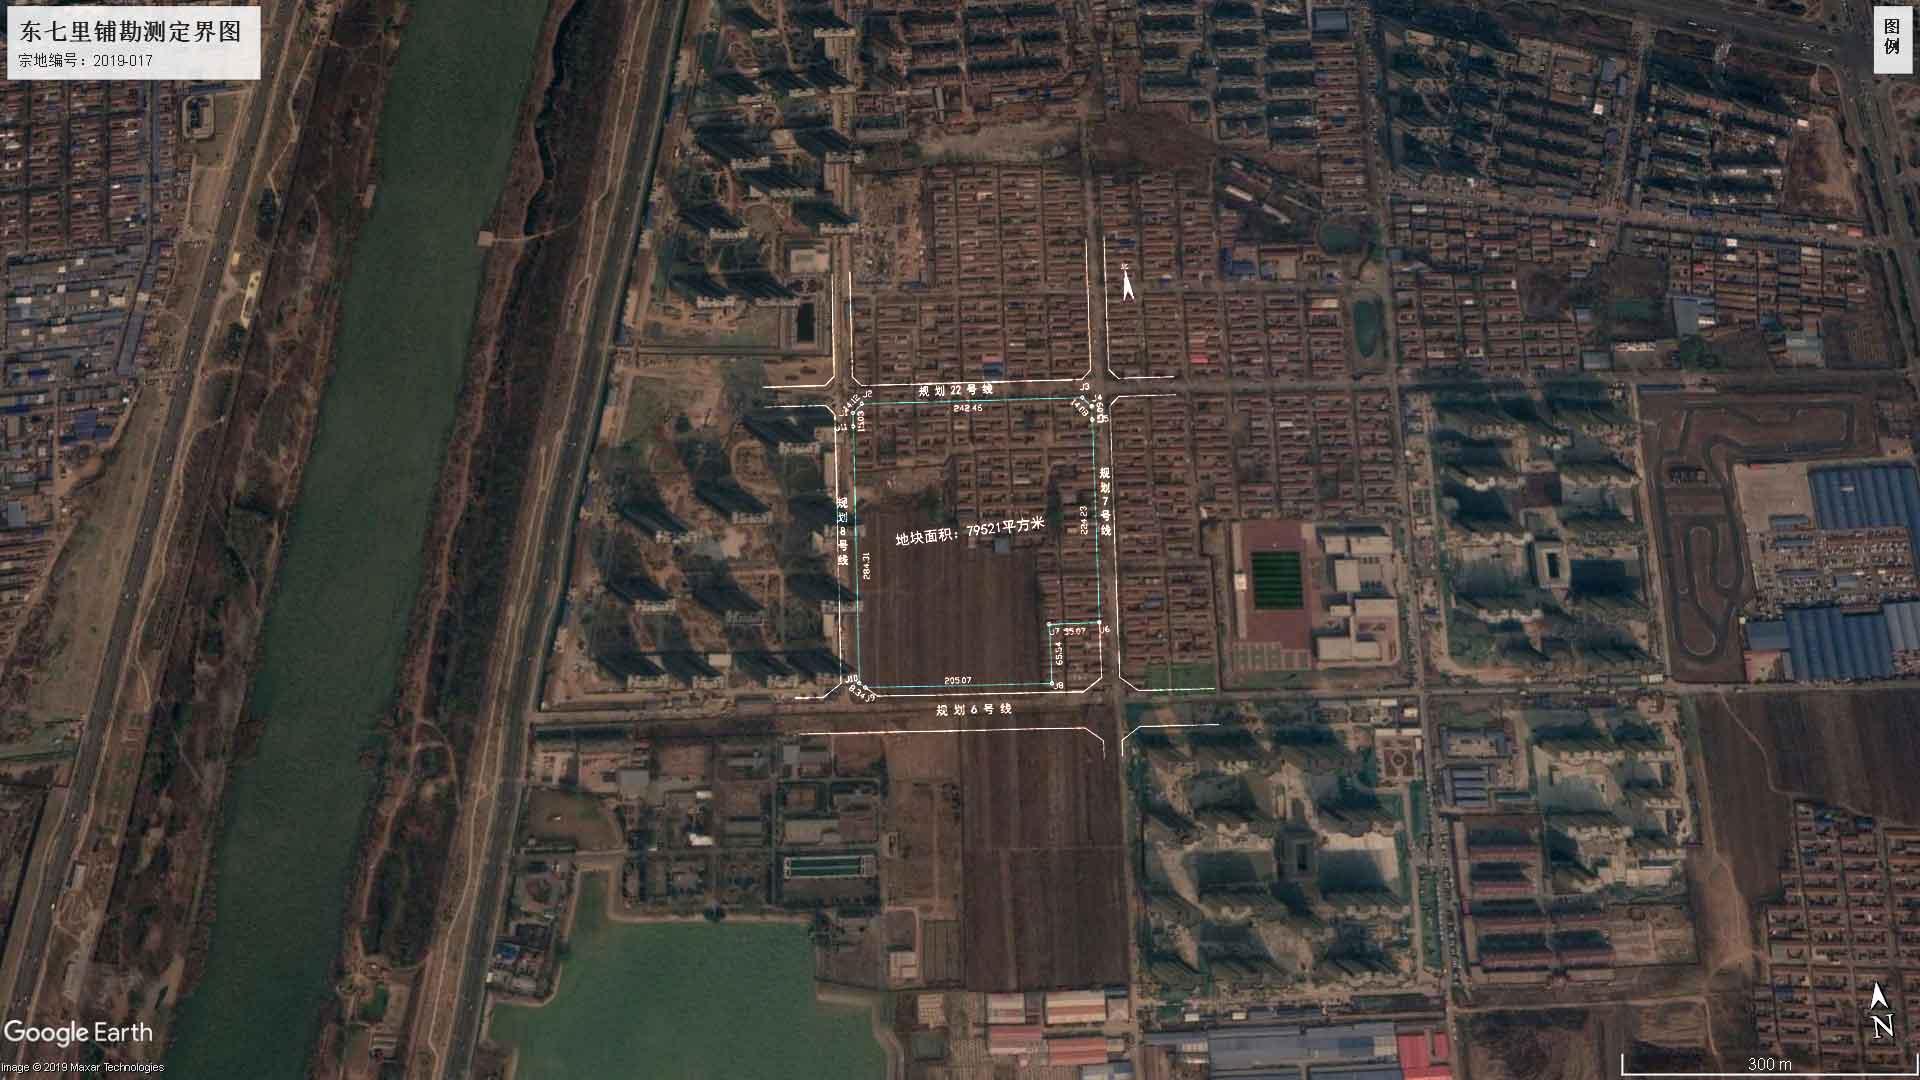 东七里铺勘测定界图002.jpg